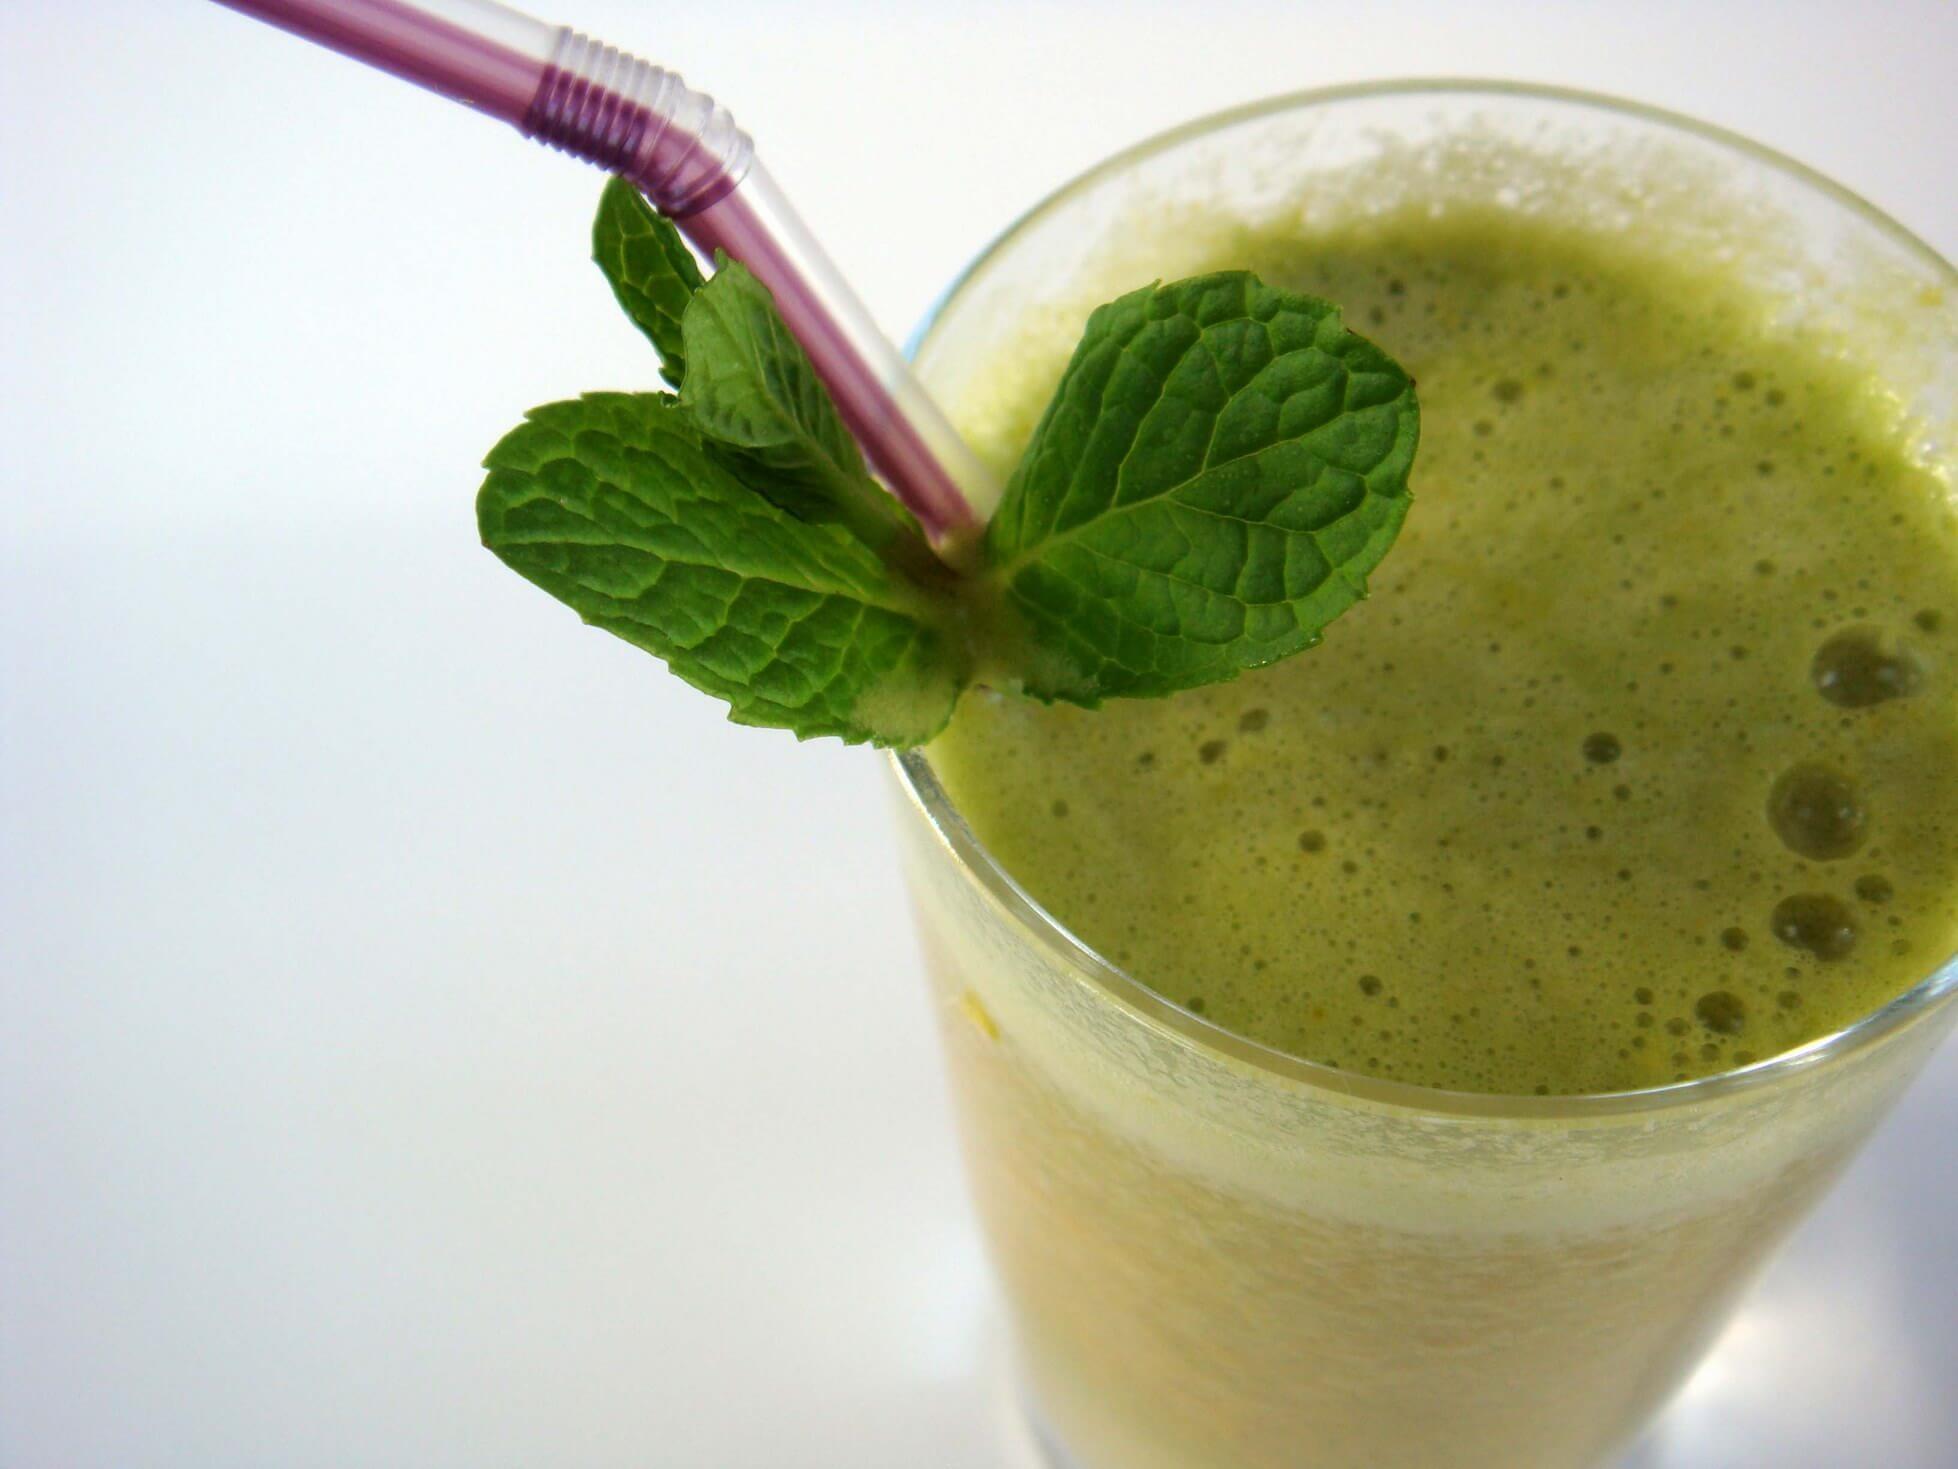 Apple-mint-celery-detox Detox Tarifleri ve Detox Diyeti Listesi